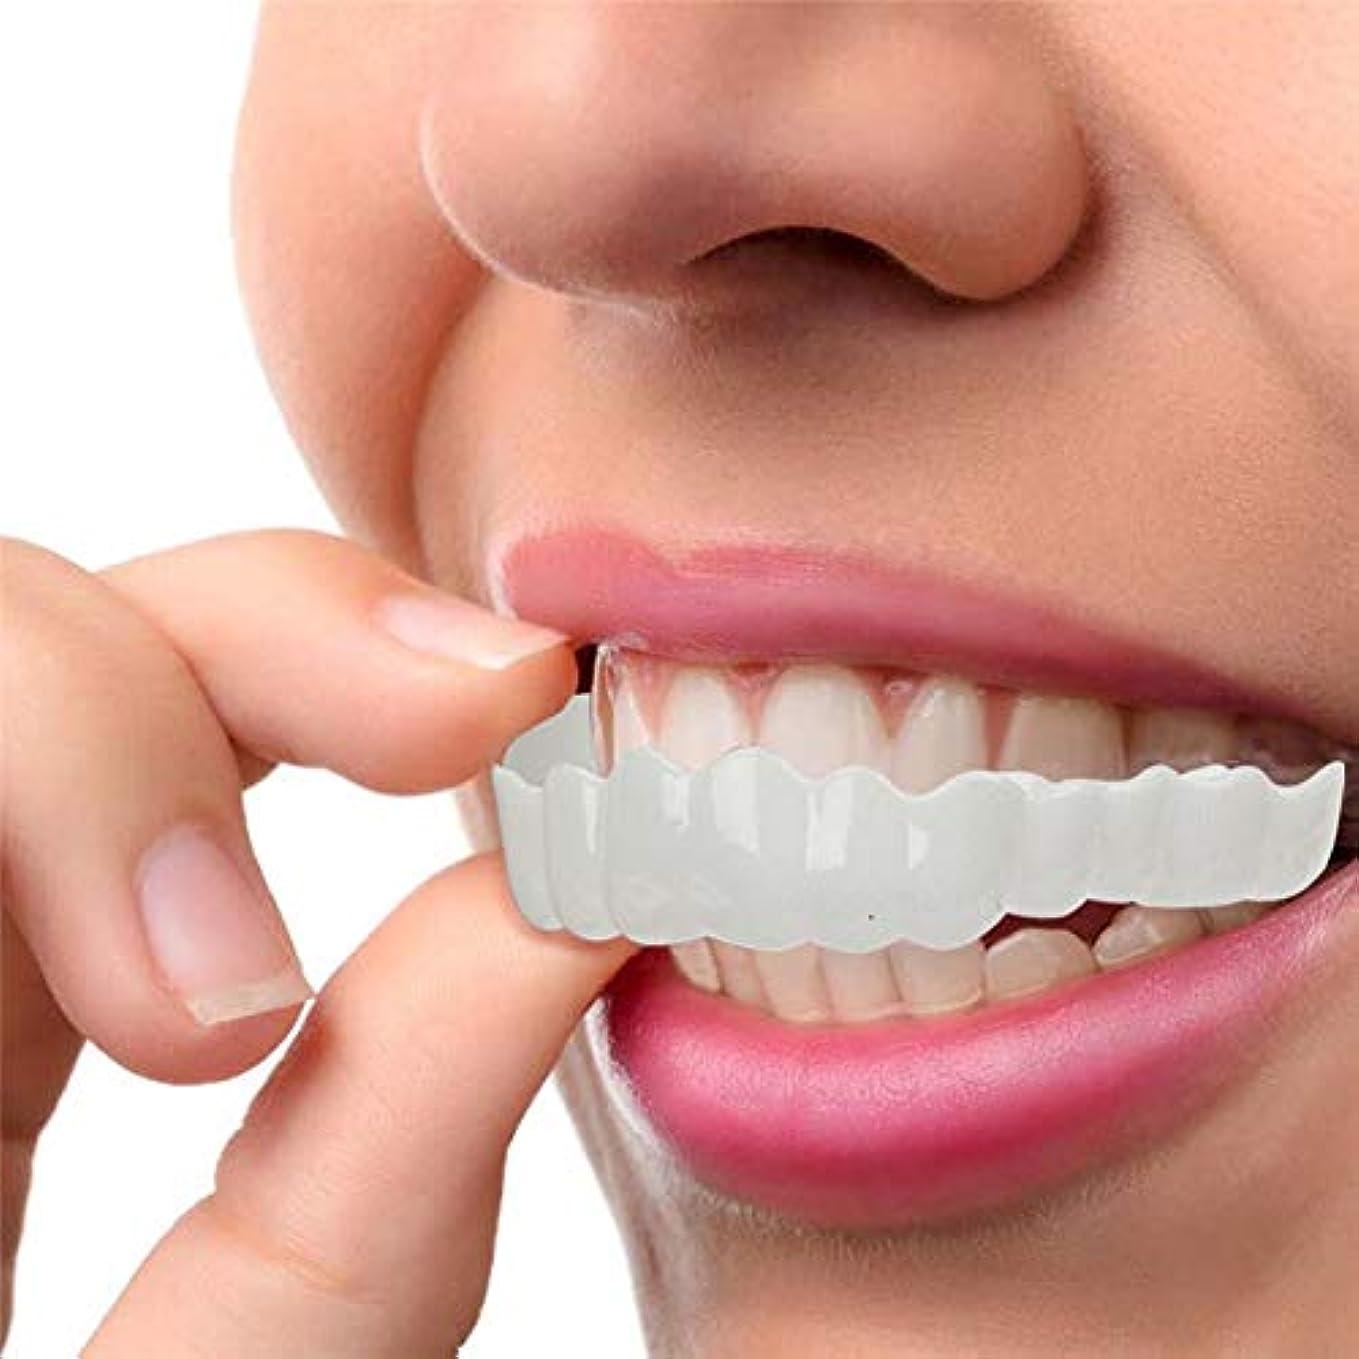 劣るユーザーレイプ2セット、白い歯をきれいにするためのコンフォートフィットフレックス歯ソケット、化粧品の歯、スーパーコンフォート、コンフォートフィット